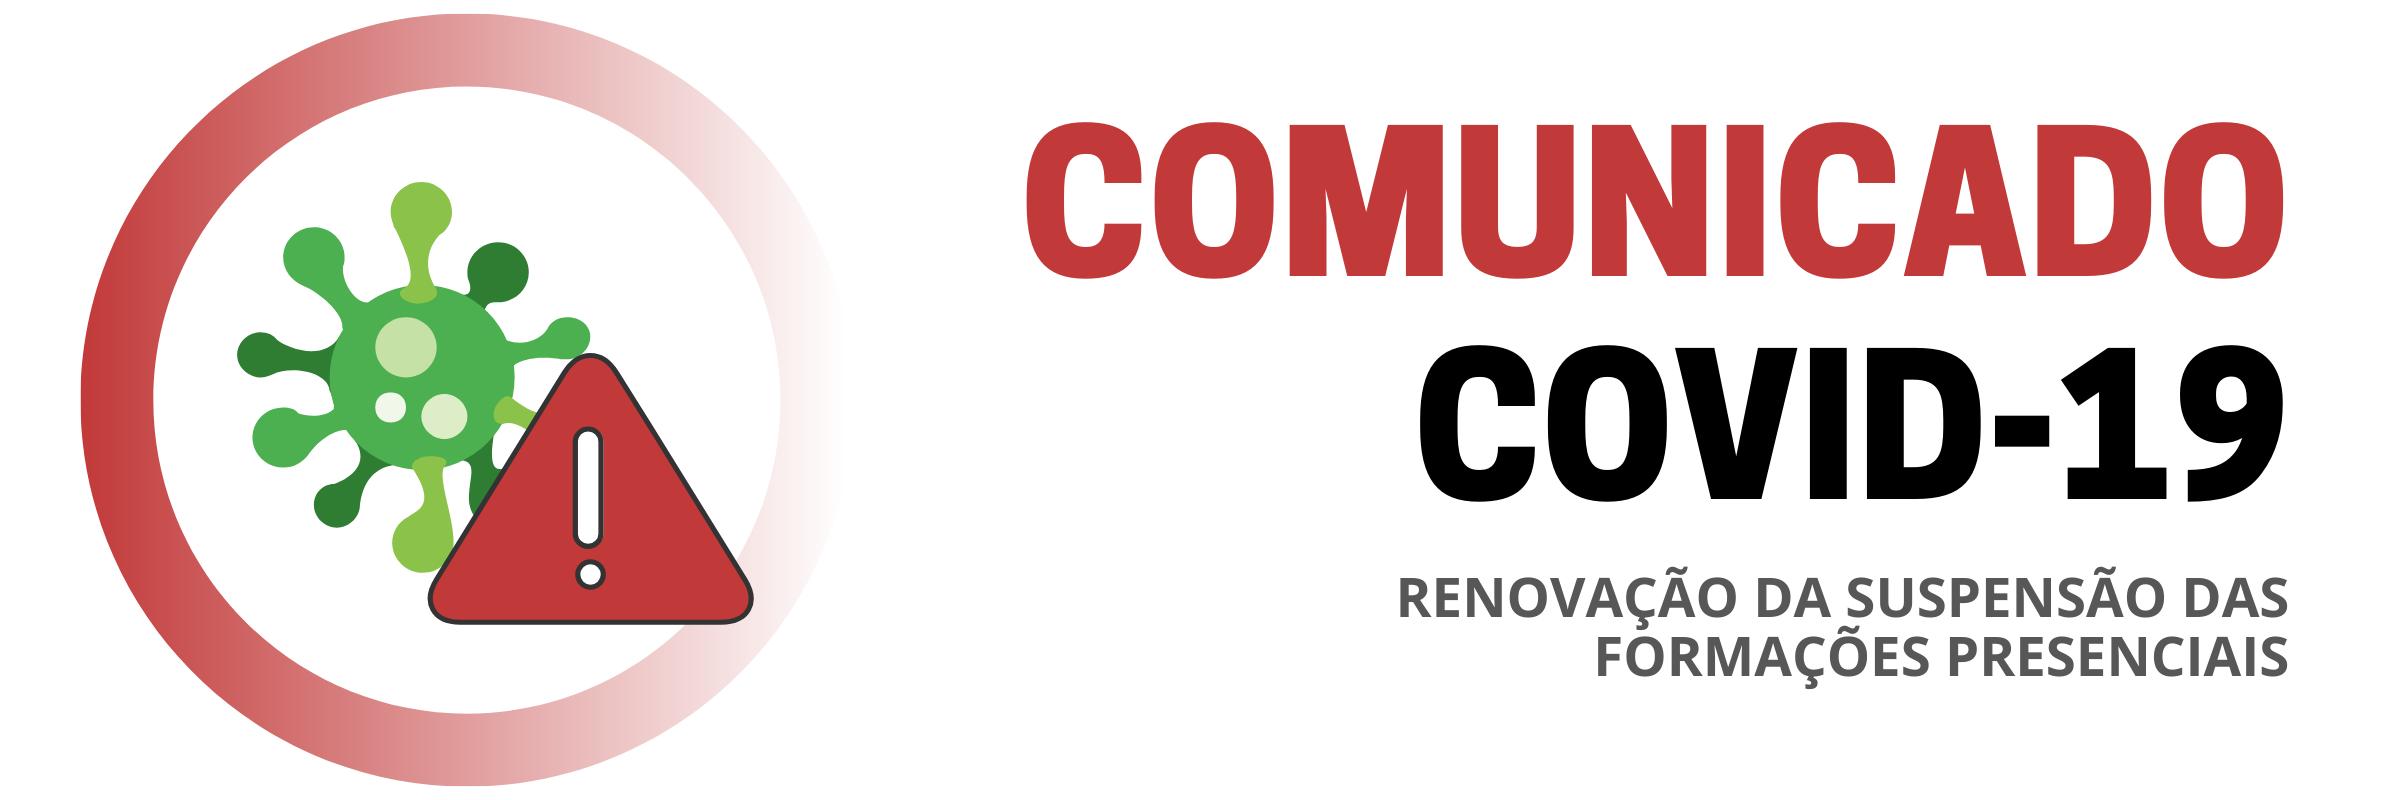 covid-19 comunicado